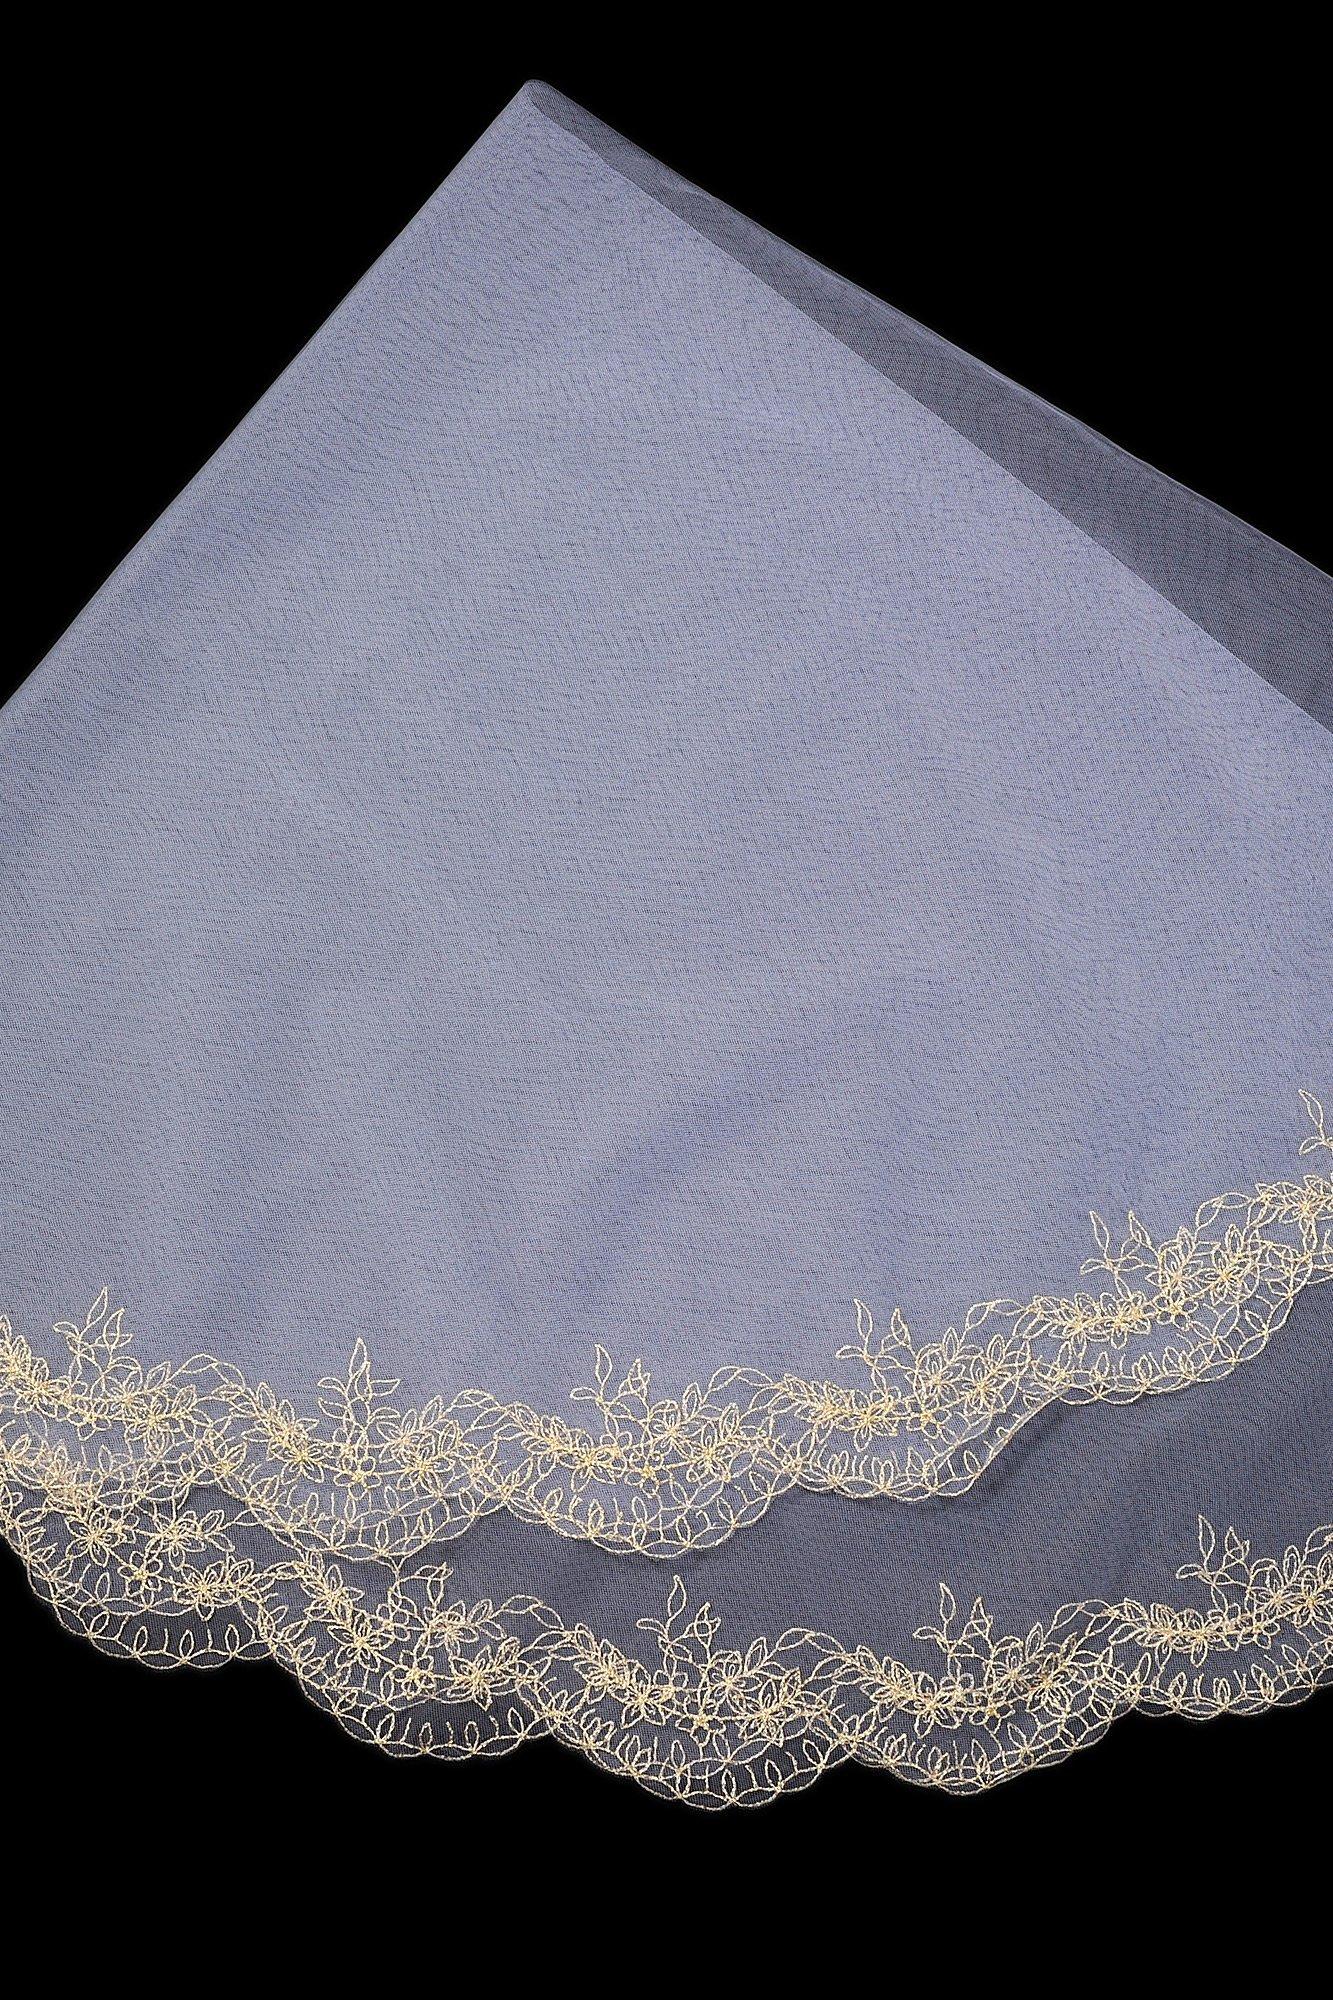 Оригинальная белая фата с золотистой вышивкой по краям.